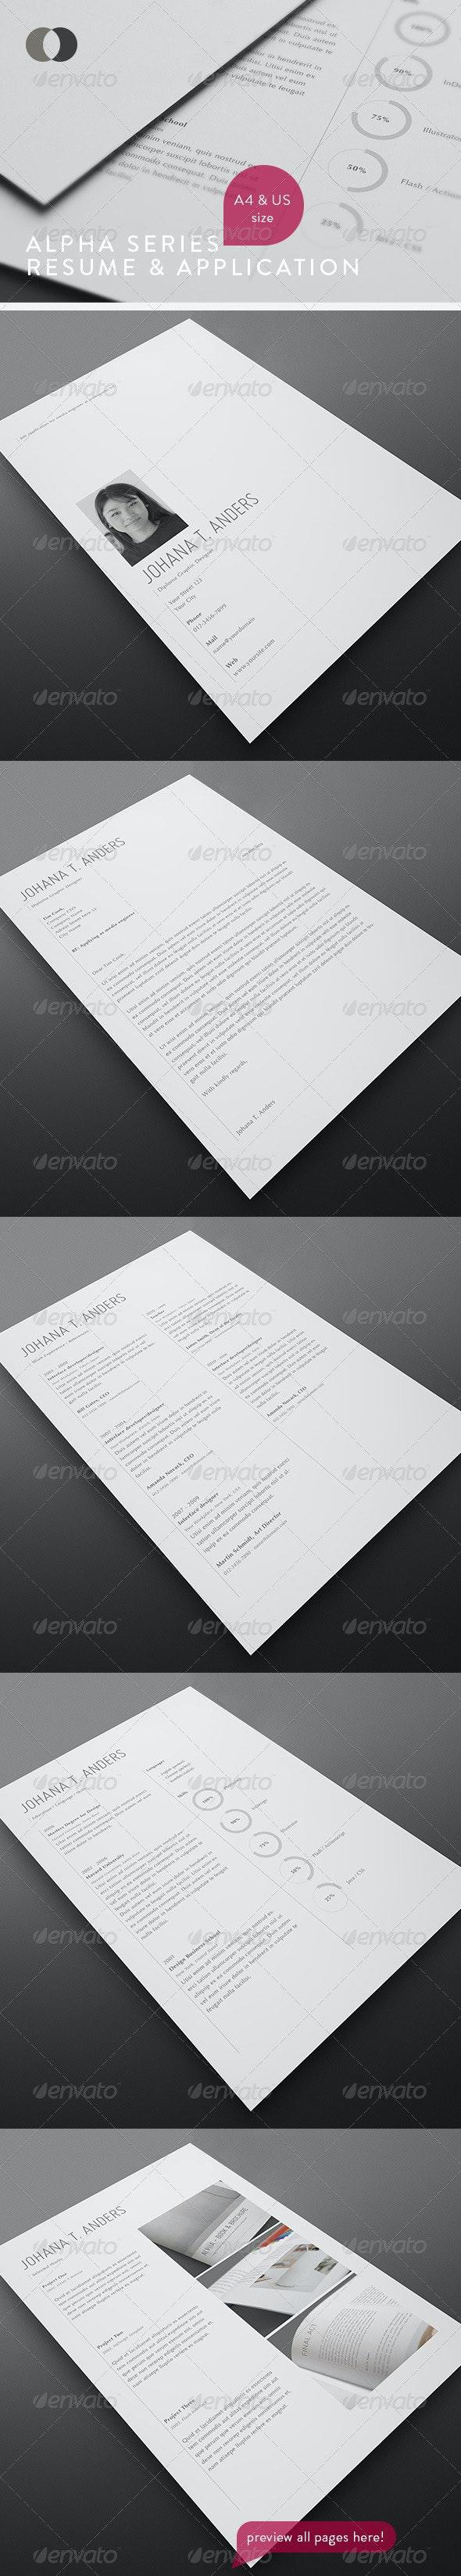 Resume Set - Vol.2 - Resumes Stationery